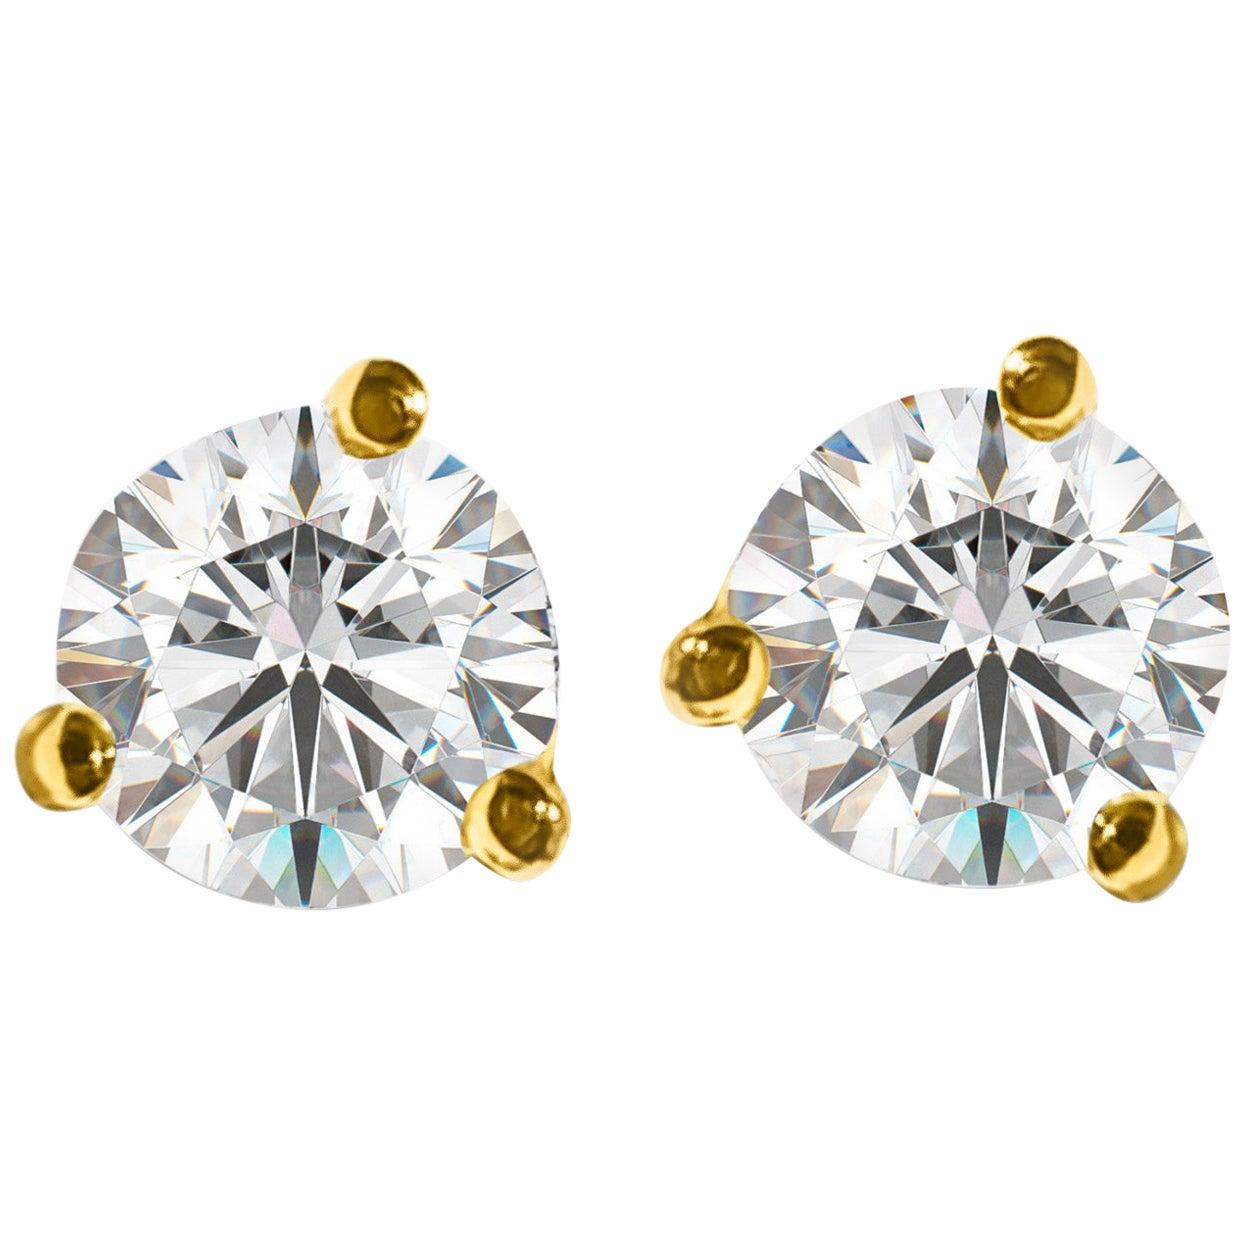 GIA Certified 1.20 Carat VVS Diamond Stud Earrings in 14 Karat Gold